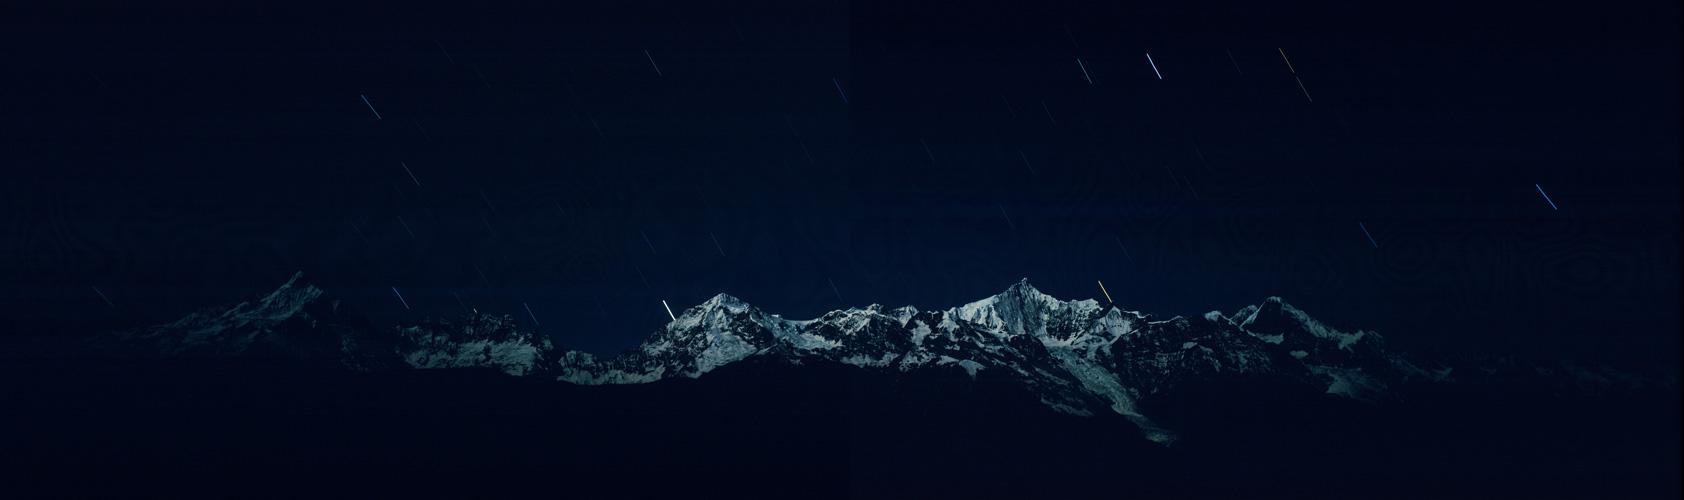 背景 壁纸 皮肤 星空 宇宙 桌面 1684_500图片